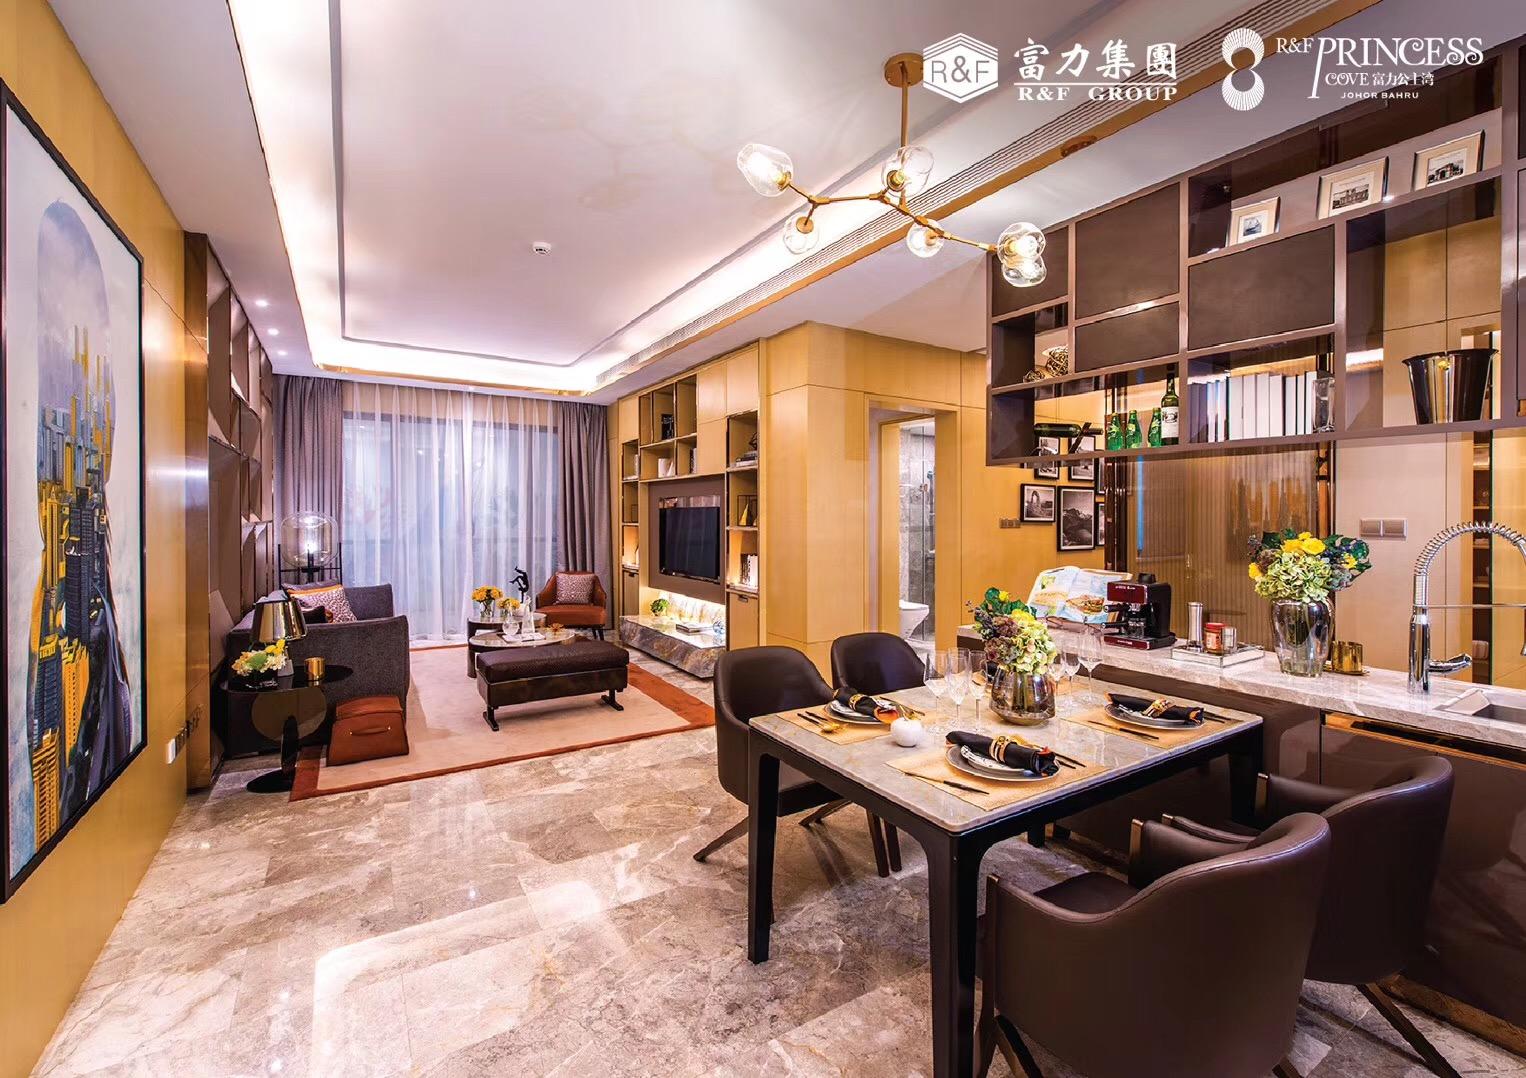 富力公主灣HK$135萬 再送MM2H馬來西亞第二家園計劃 – R&F PRINCESS COVE 富力公主灣